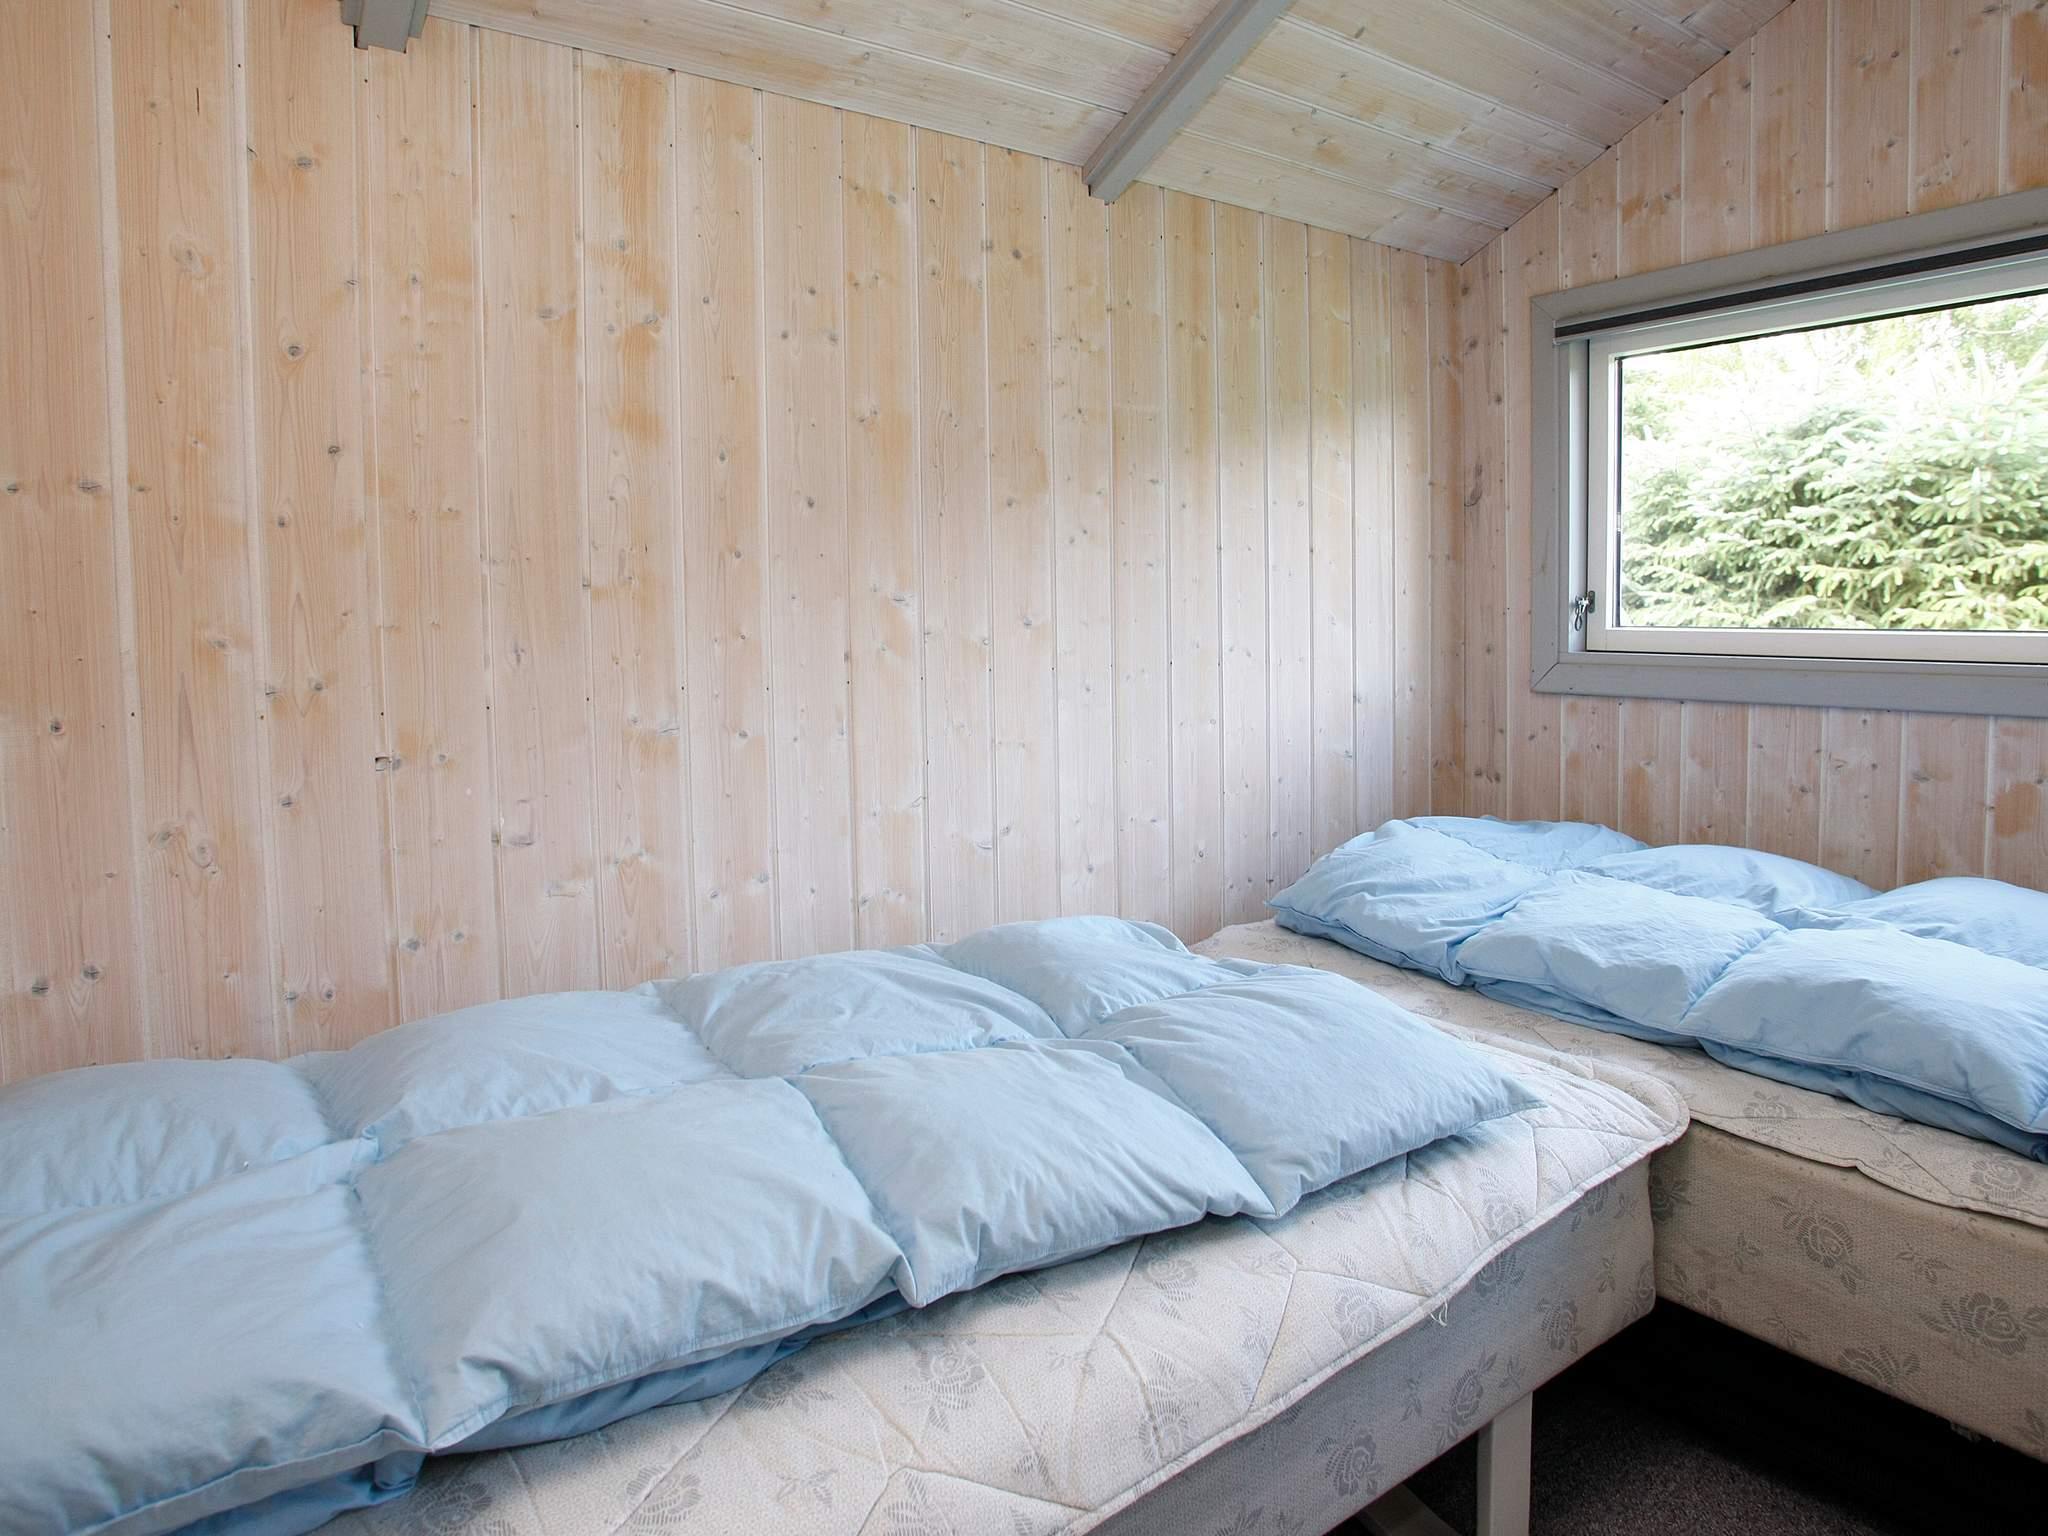 Ferienhaus Louns (82210), Farsø, , Limfjord, Dänemark, Bild 8